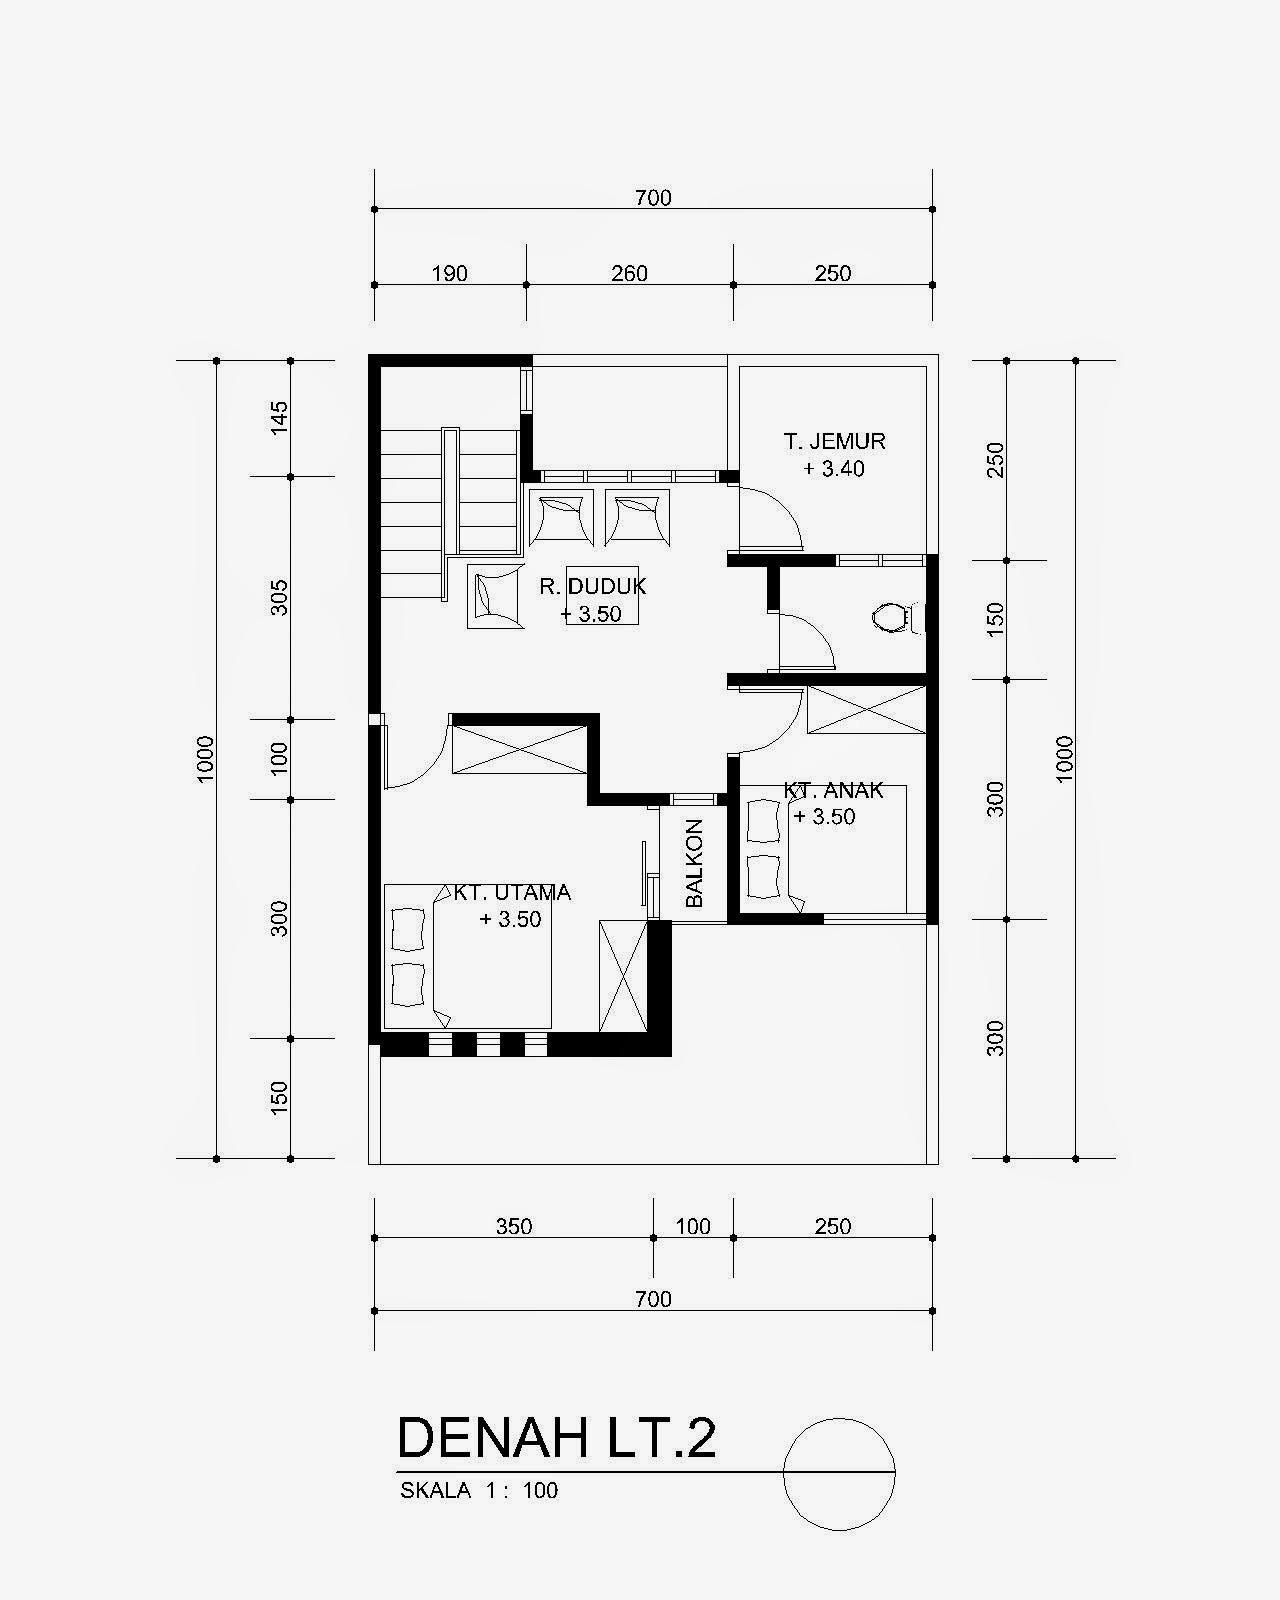 Cara Membuat Denah Rumah 1 Lantai Lengkap Rancanghunian